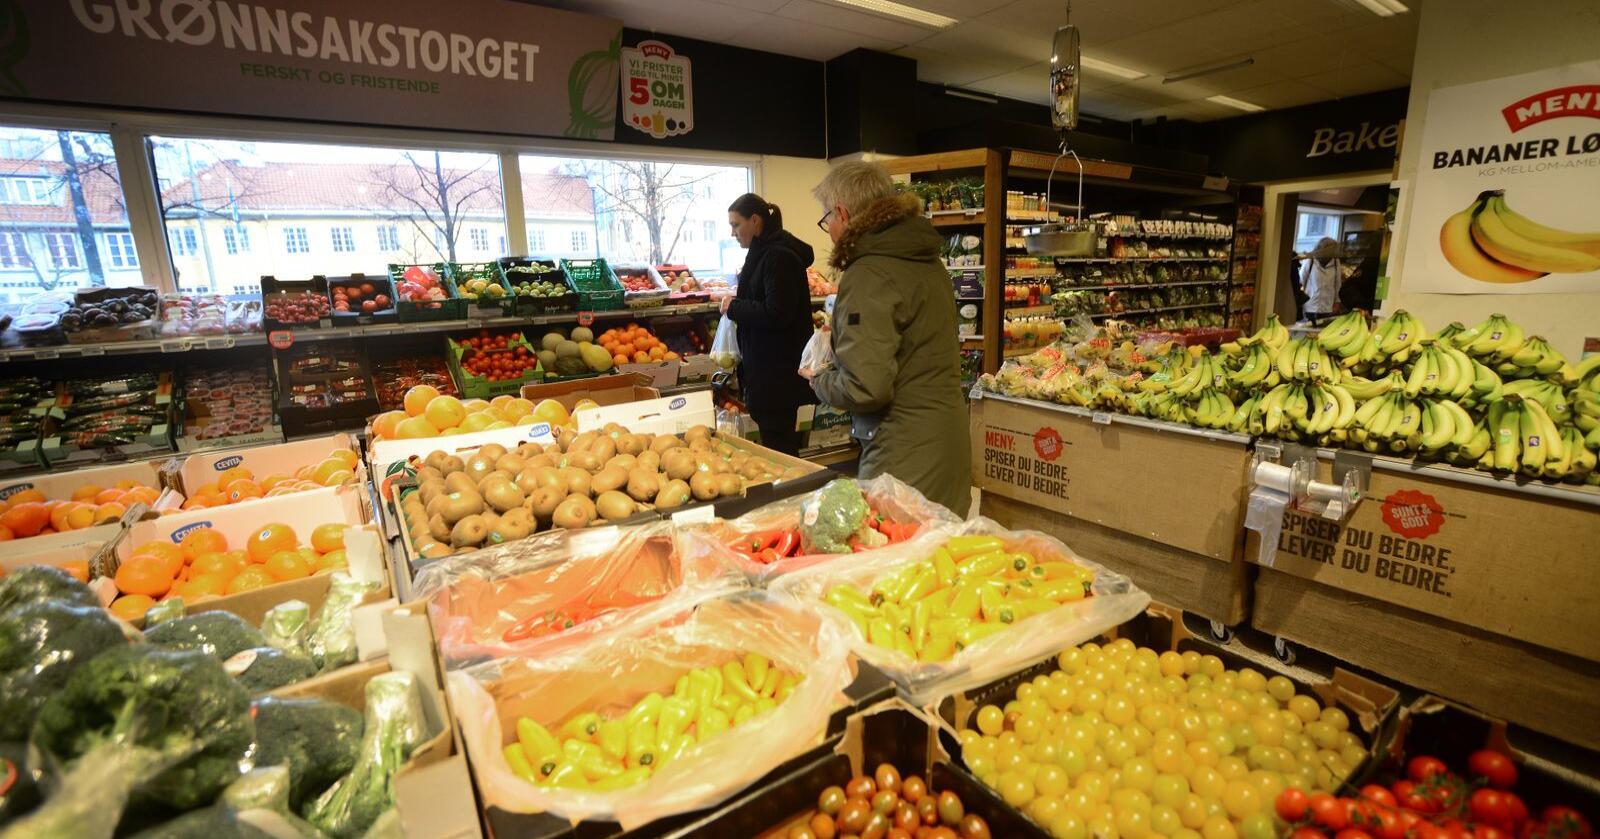 Sjølvforsyning: Få land er mindre sjølvforsynte med mat enn Norge, og nå viser ein ny målemetode at endå meir av maten er importert enn tidlegare oversikter har vist. Den nye målemetoden tar mellom anna med grensehandelen. Foto: Siri Juell Rasmussen